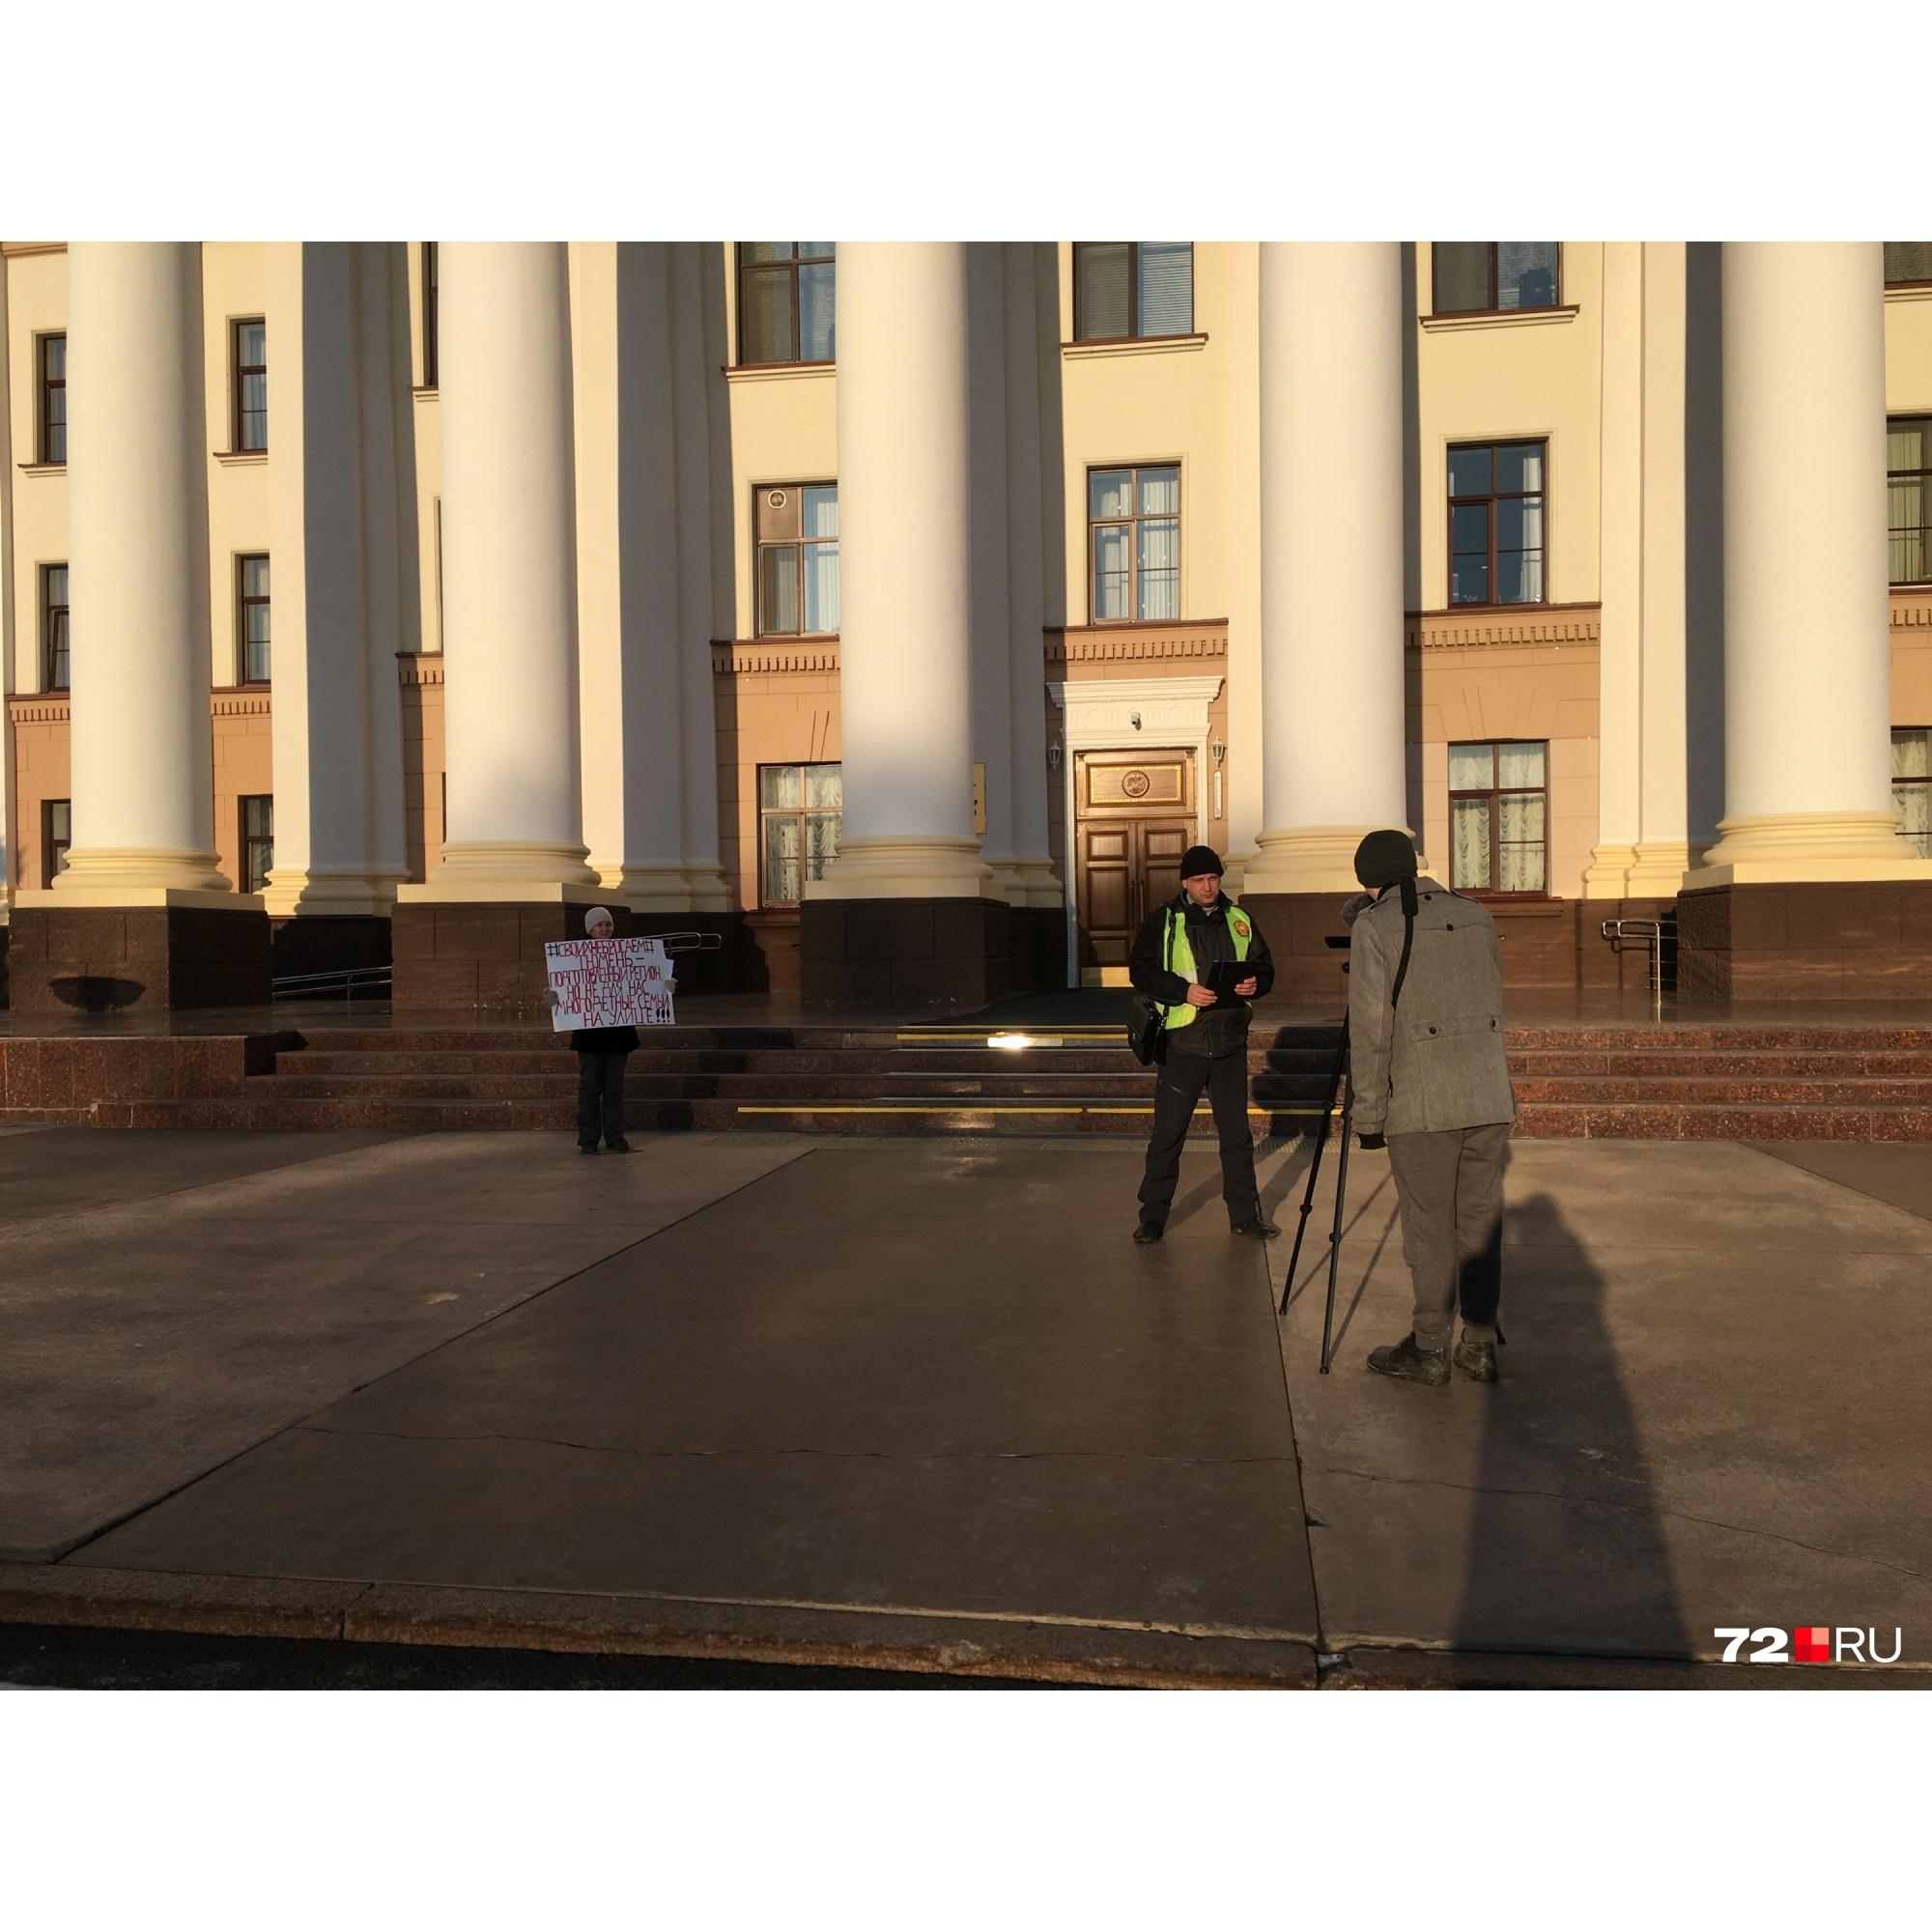 Анатолий Княжев 15 февраля провел круглый стол о проблеме многодетных семей, на который звал чиновников правительства. По его словам, никто не пришел